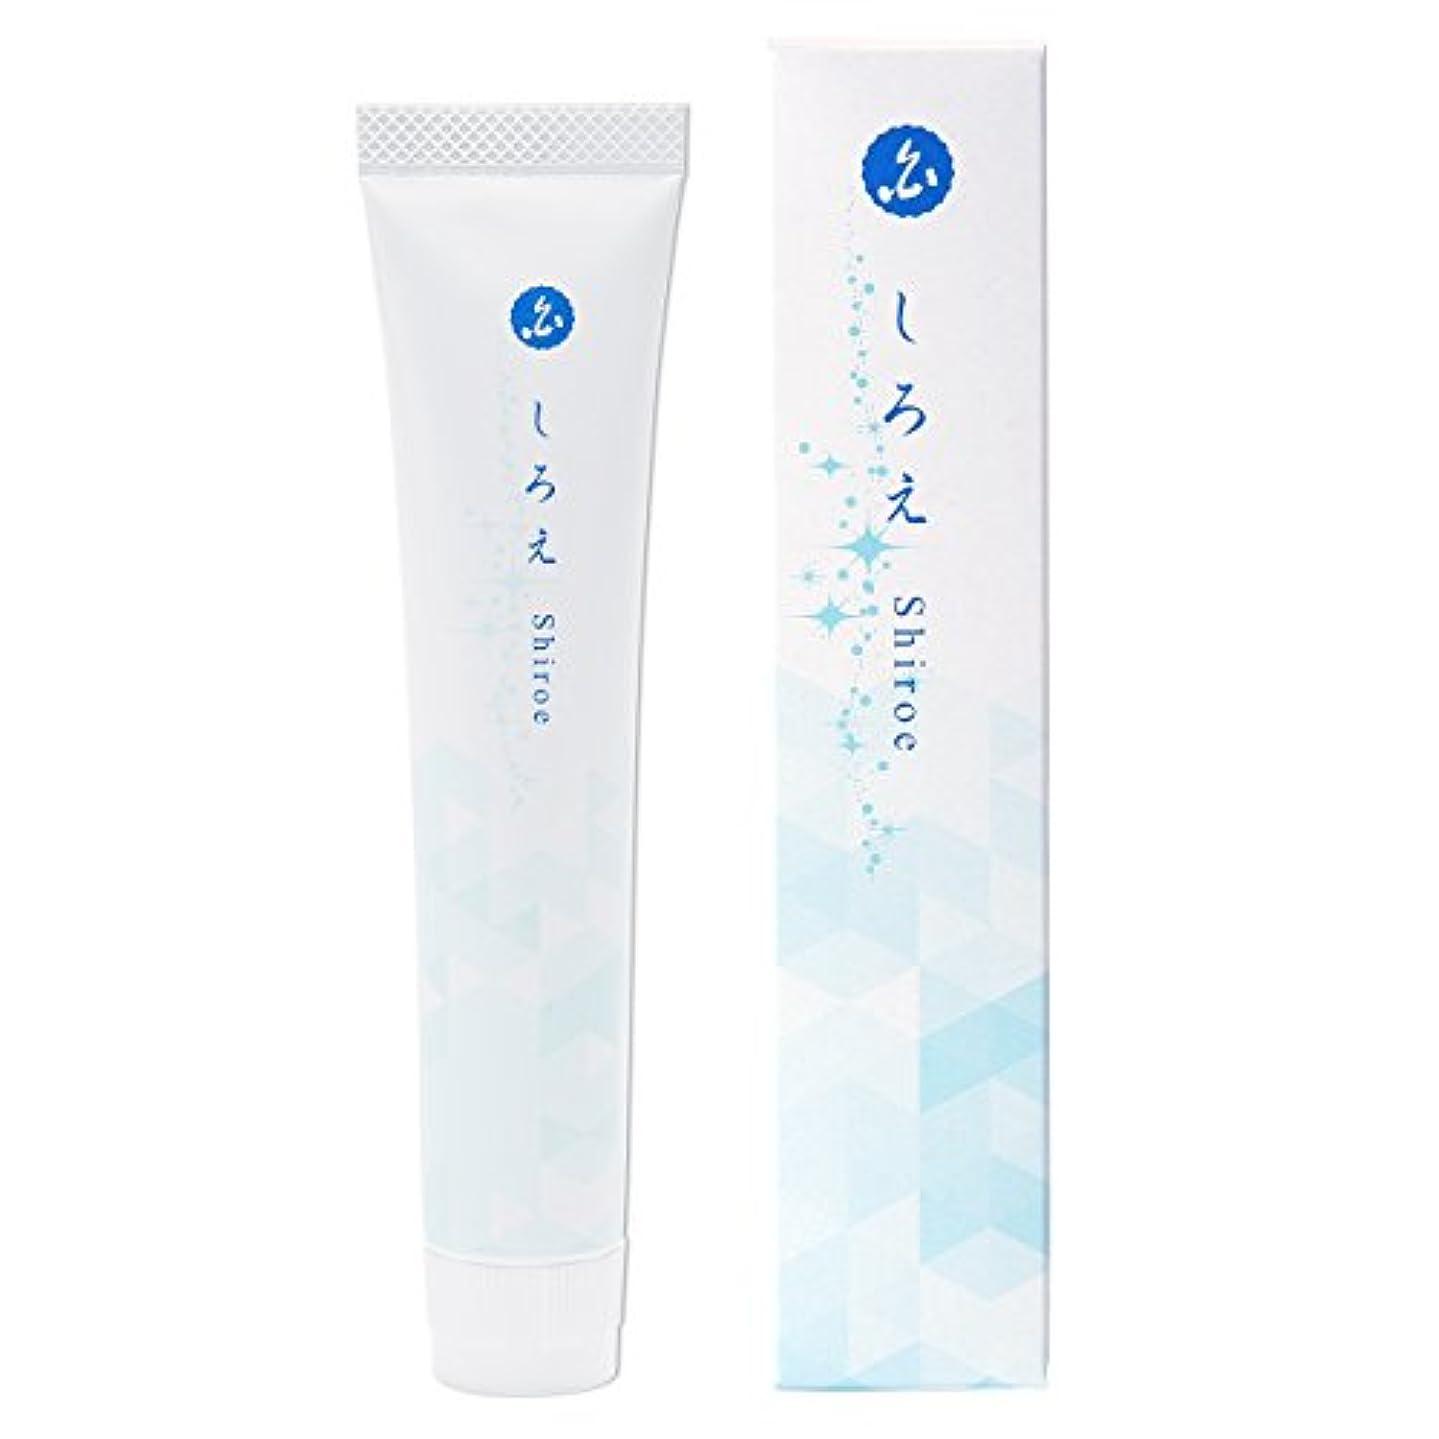 不健康チョークラフしろえ 歯磨きジェル 歯磨き粉 ホワイトニング はみがき粉 医薬部外品 薬用 ジェル状歯磨き 50g 日本製